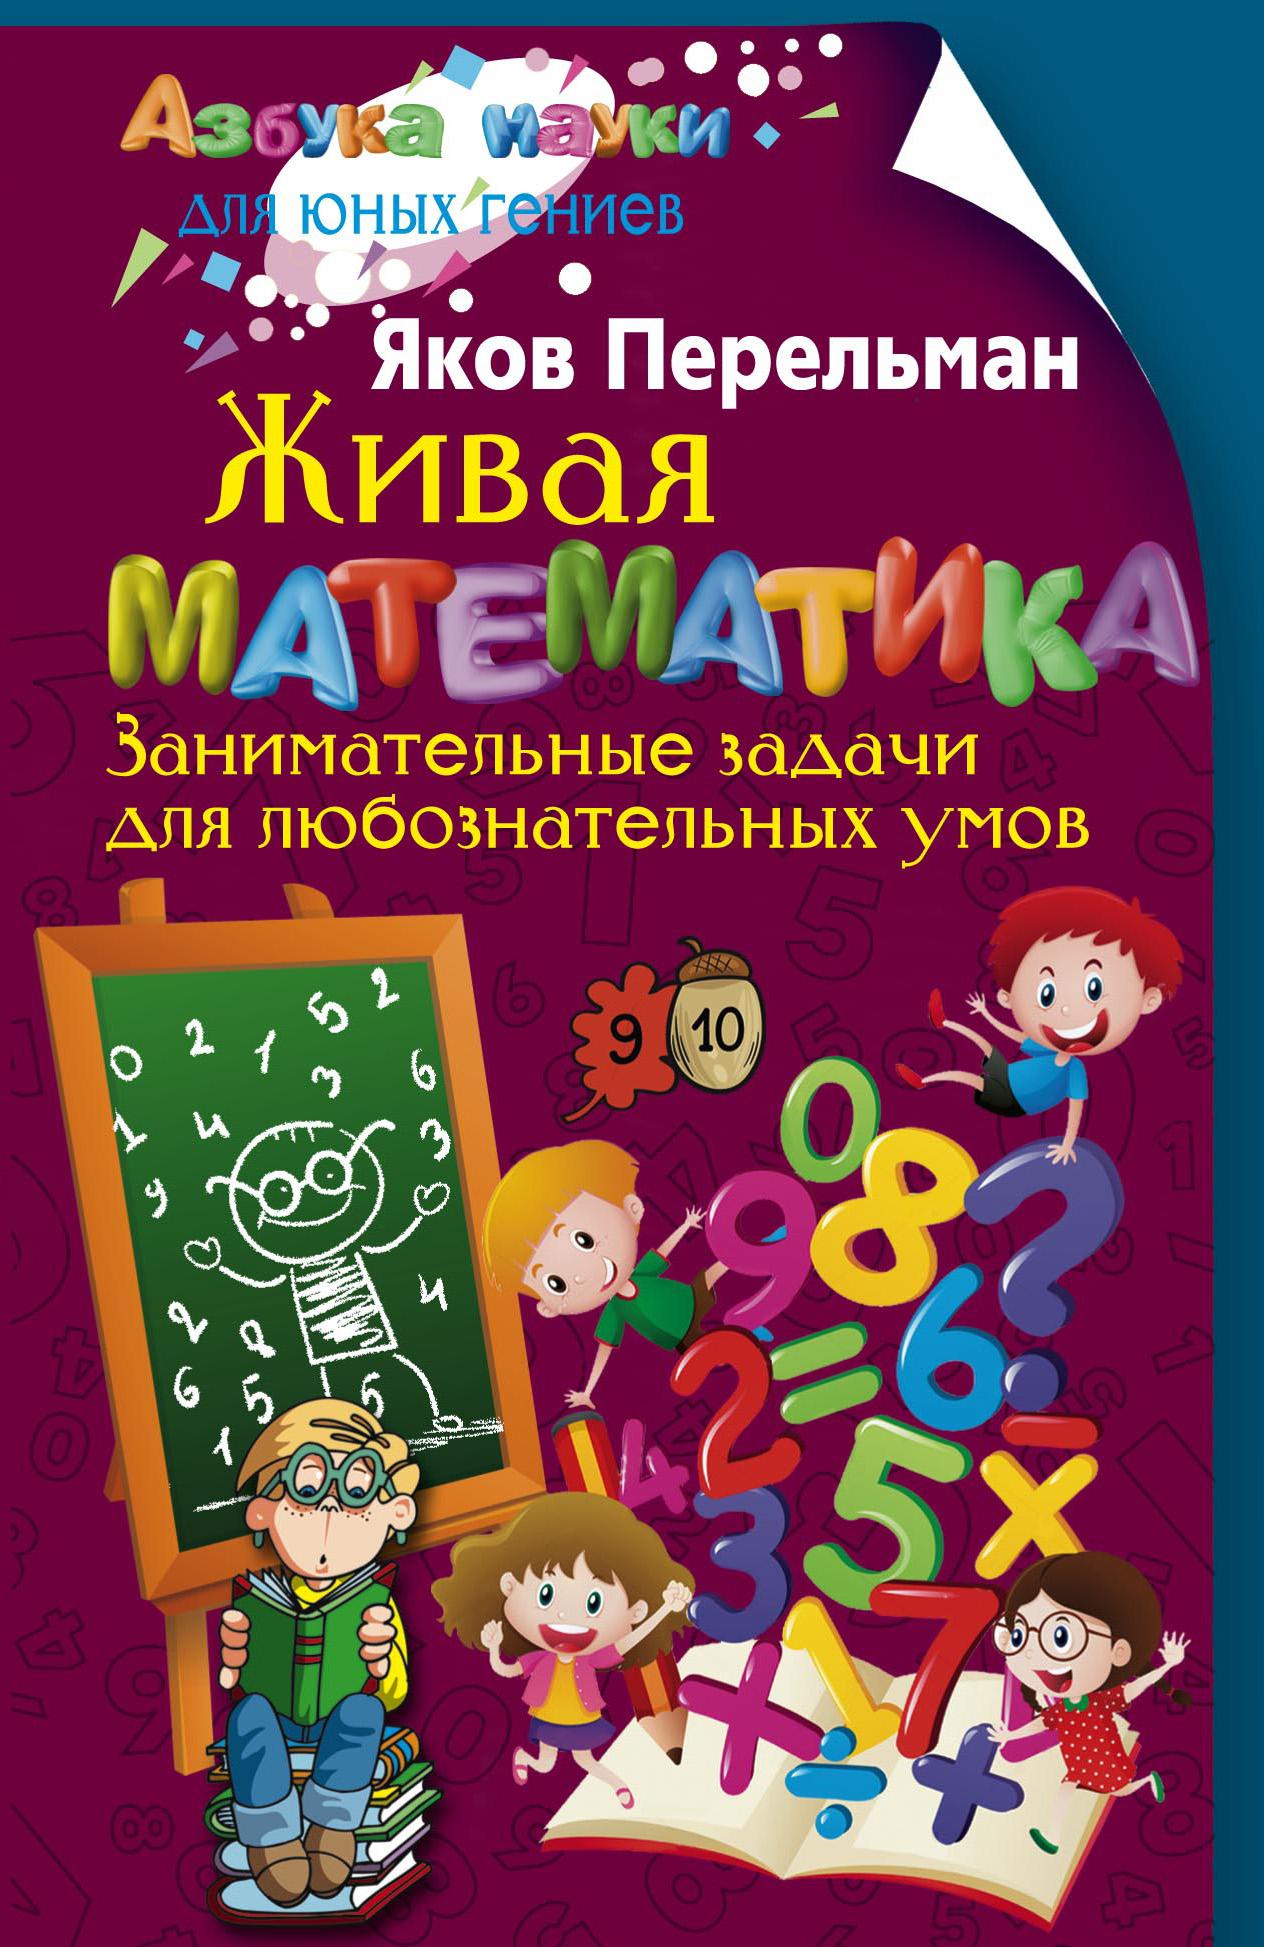 Яков Перельман Живая математика. Занимательные задачи для любознательных умов перельман я живая математика занимательные задачи для любознательных умов